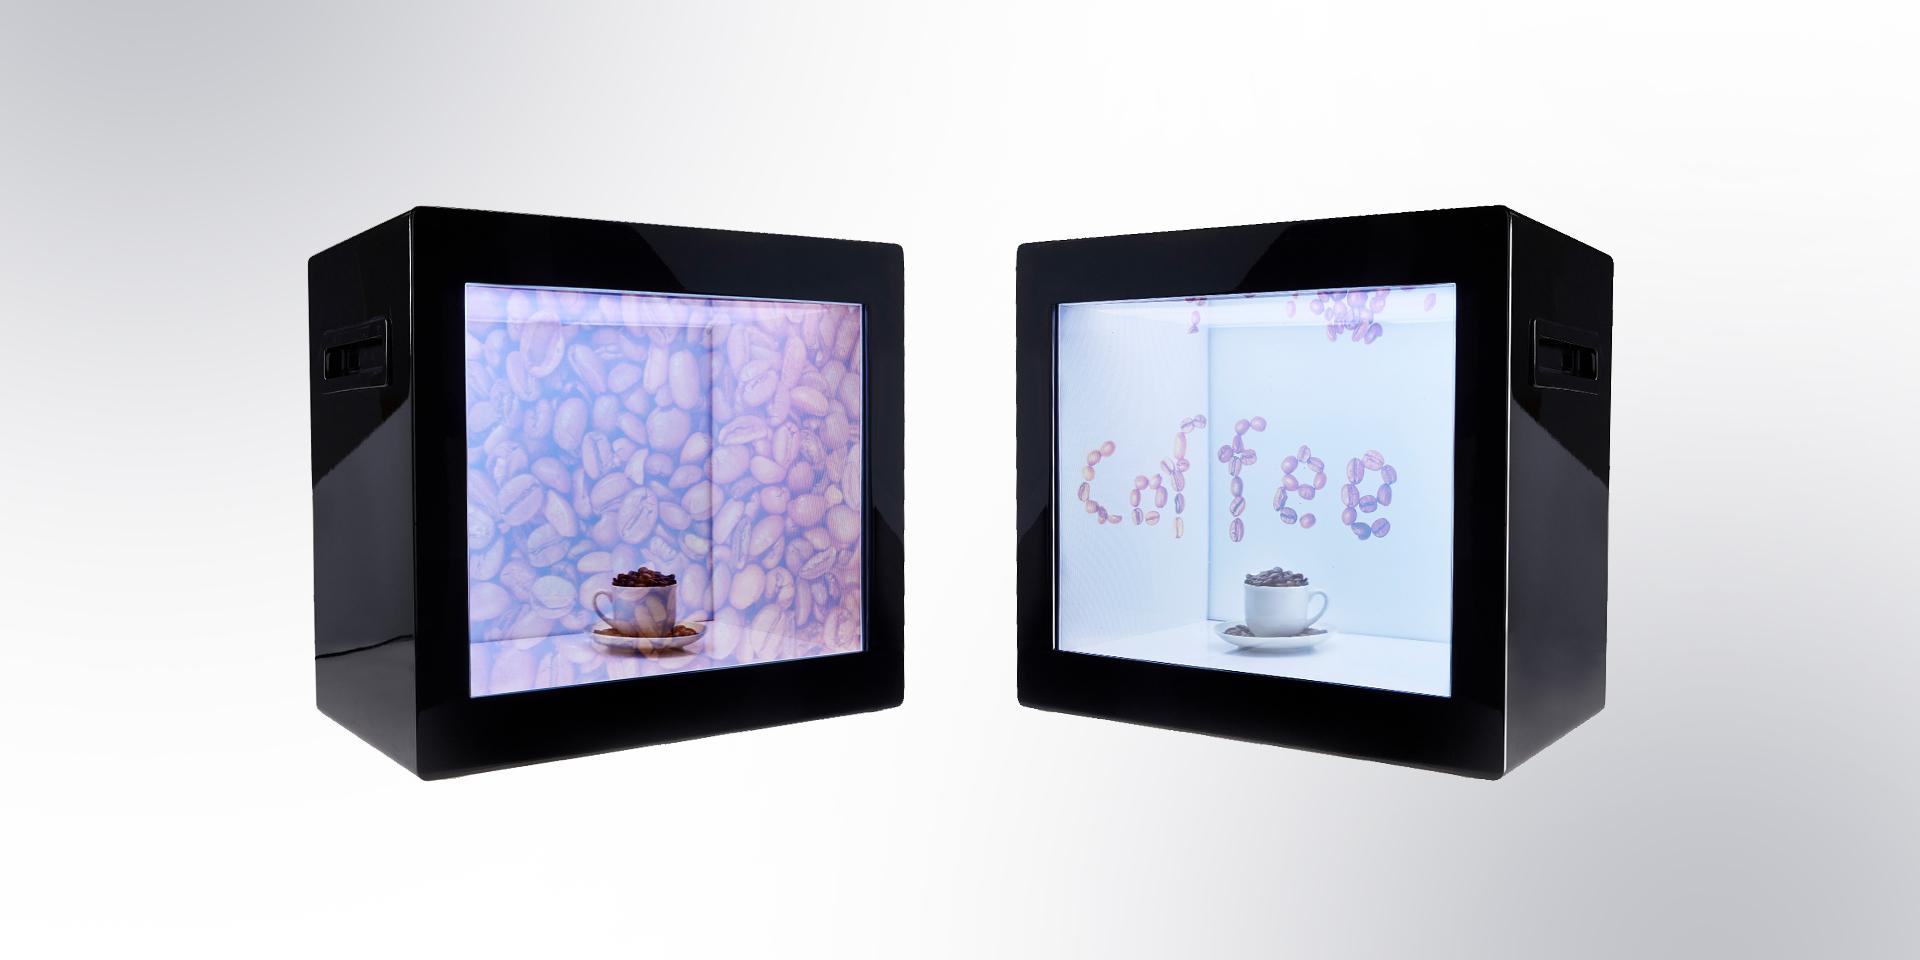 Volltransparente Bildschirme am POS - Zweyloeven Werbeproduktion GmbH